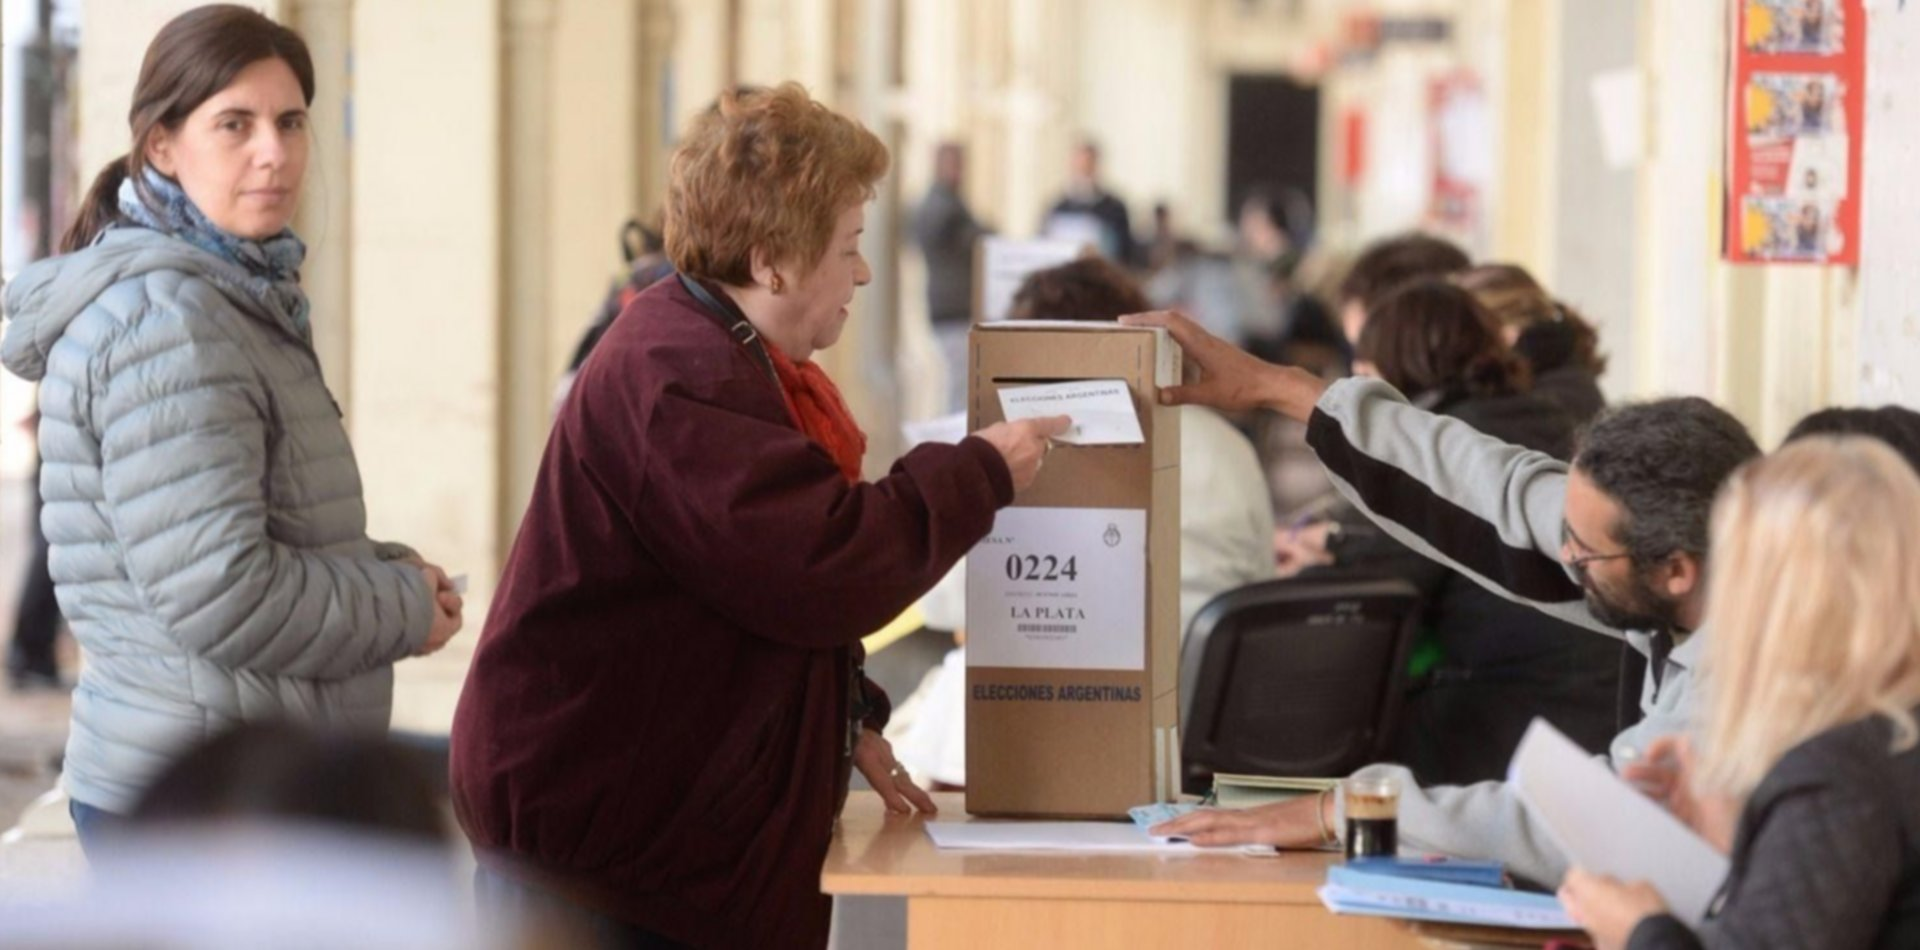 Abrió el registro de votantes infractores: ¿cómo pagar una multa y qué pasa si no se hace?